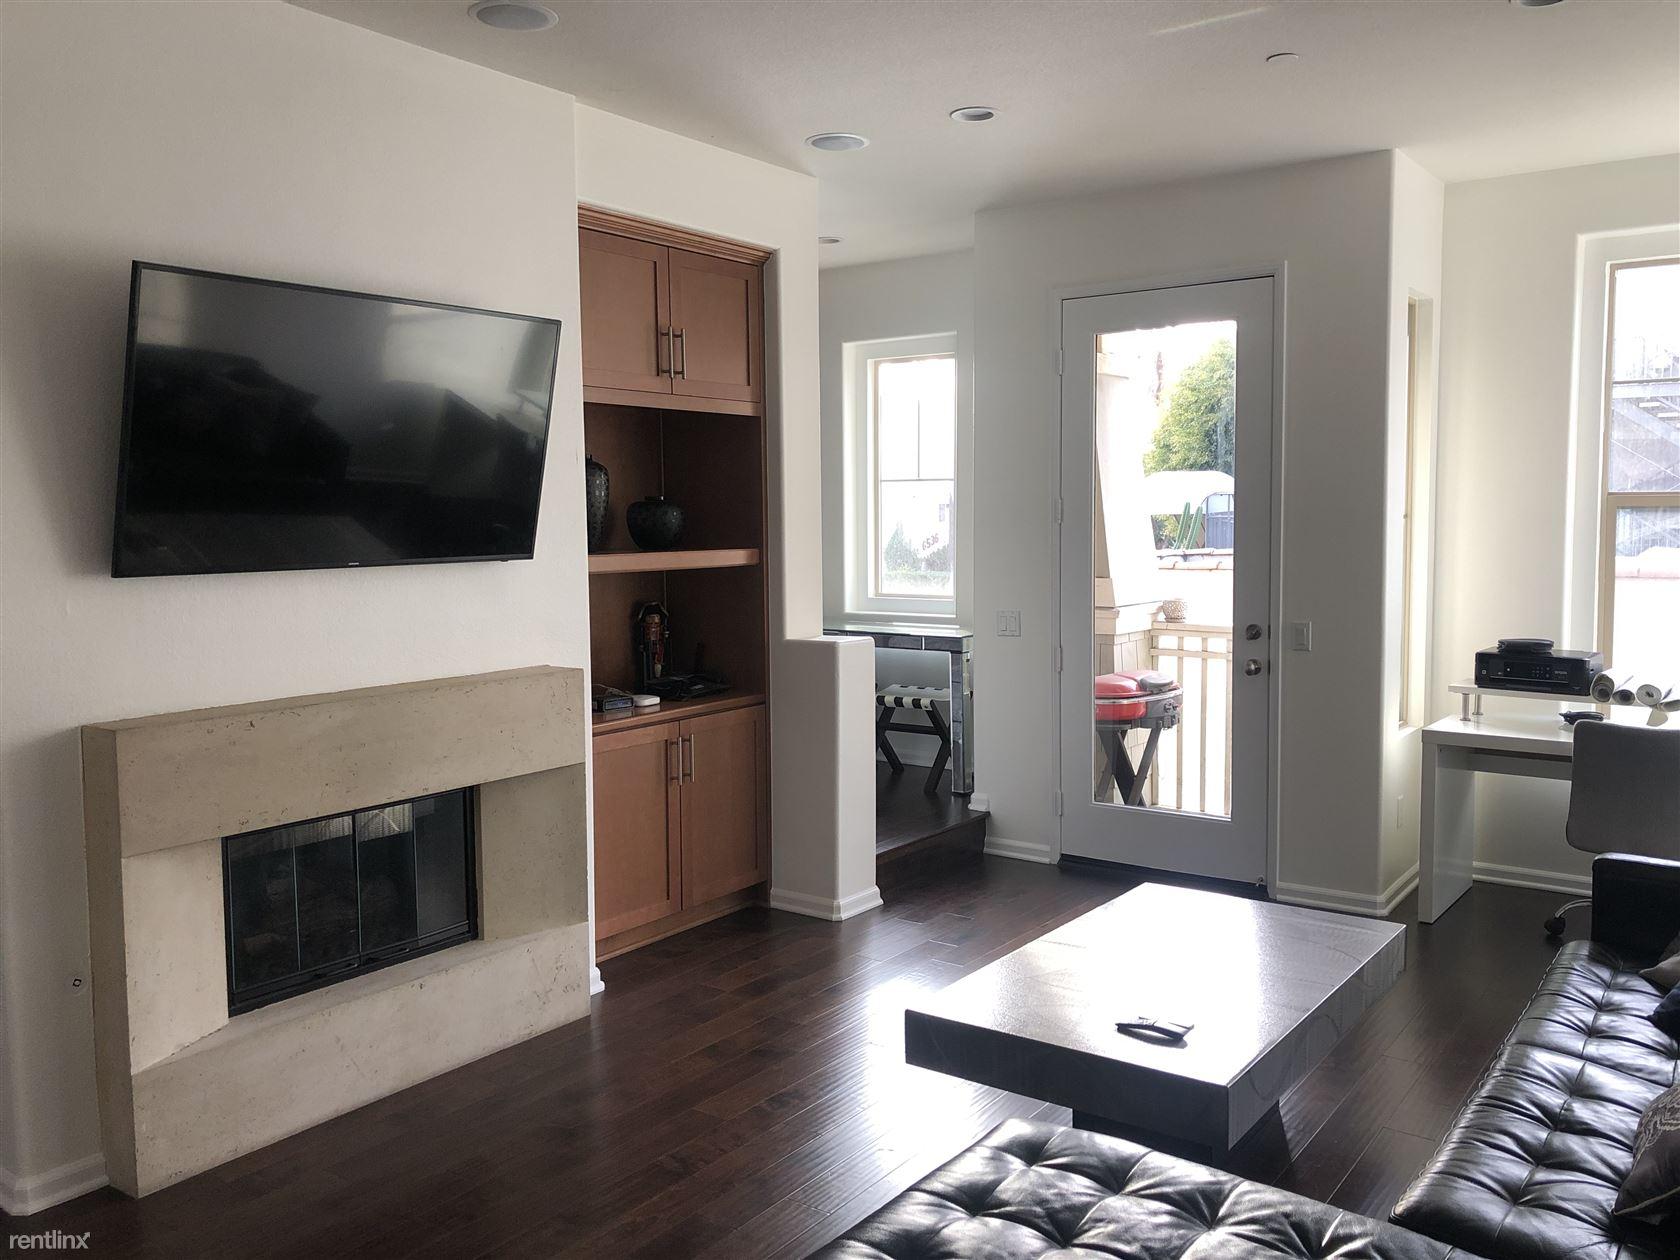 6521 La Mirada Ave, Los Angeles, CA - $6,500 USD/ month